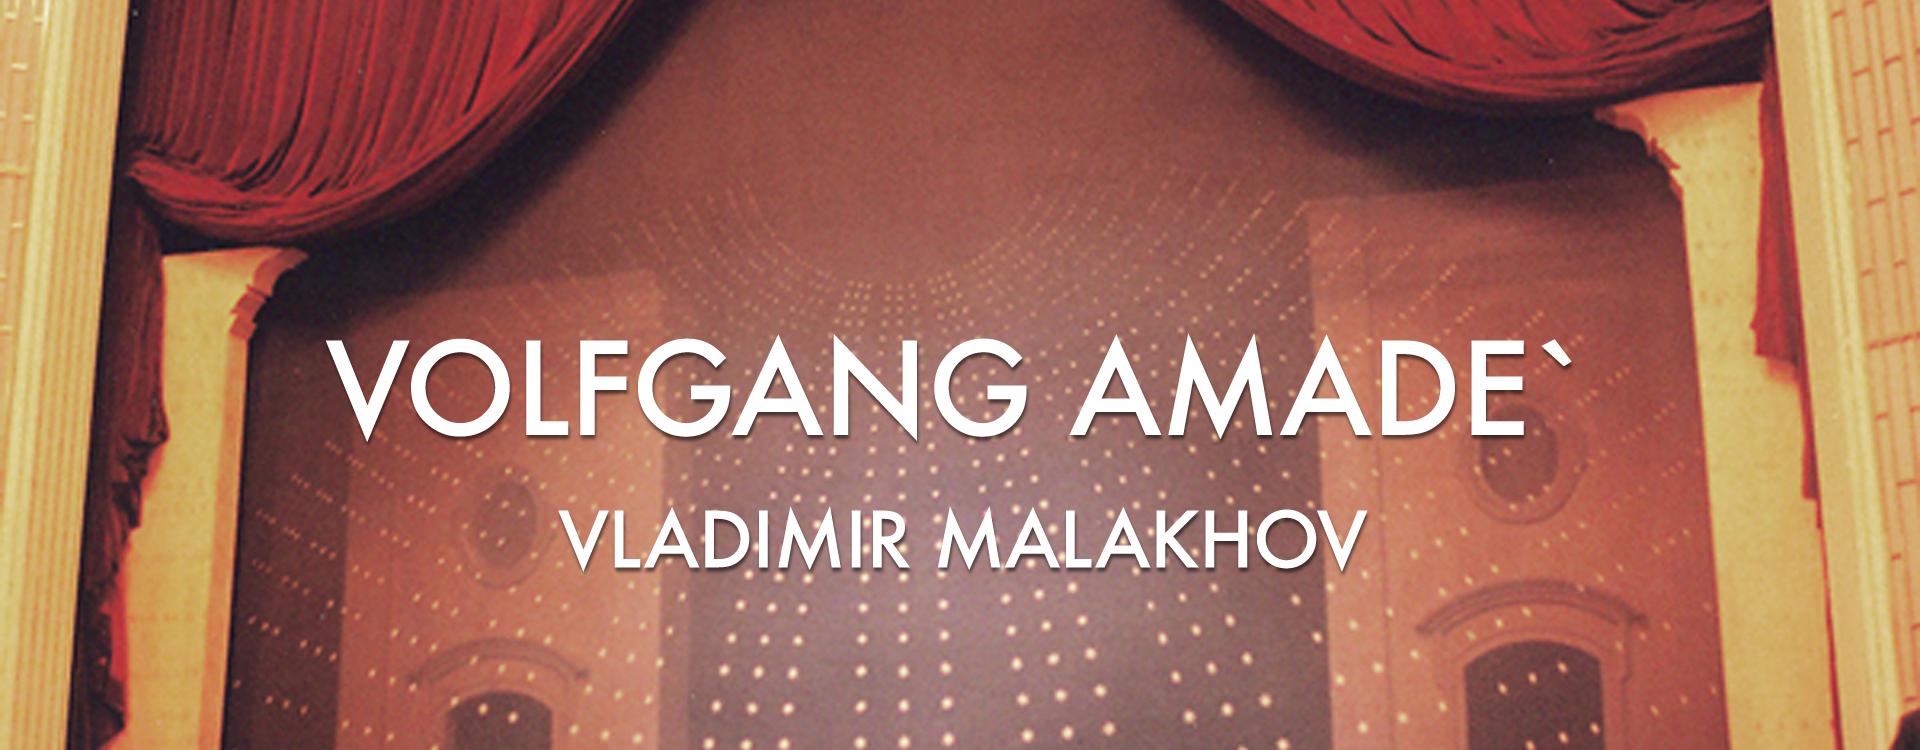 AMADE'